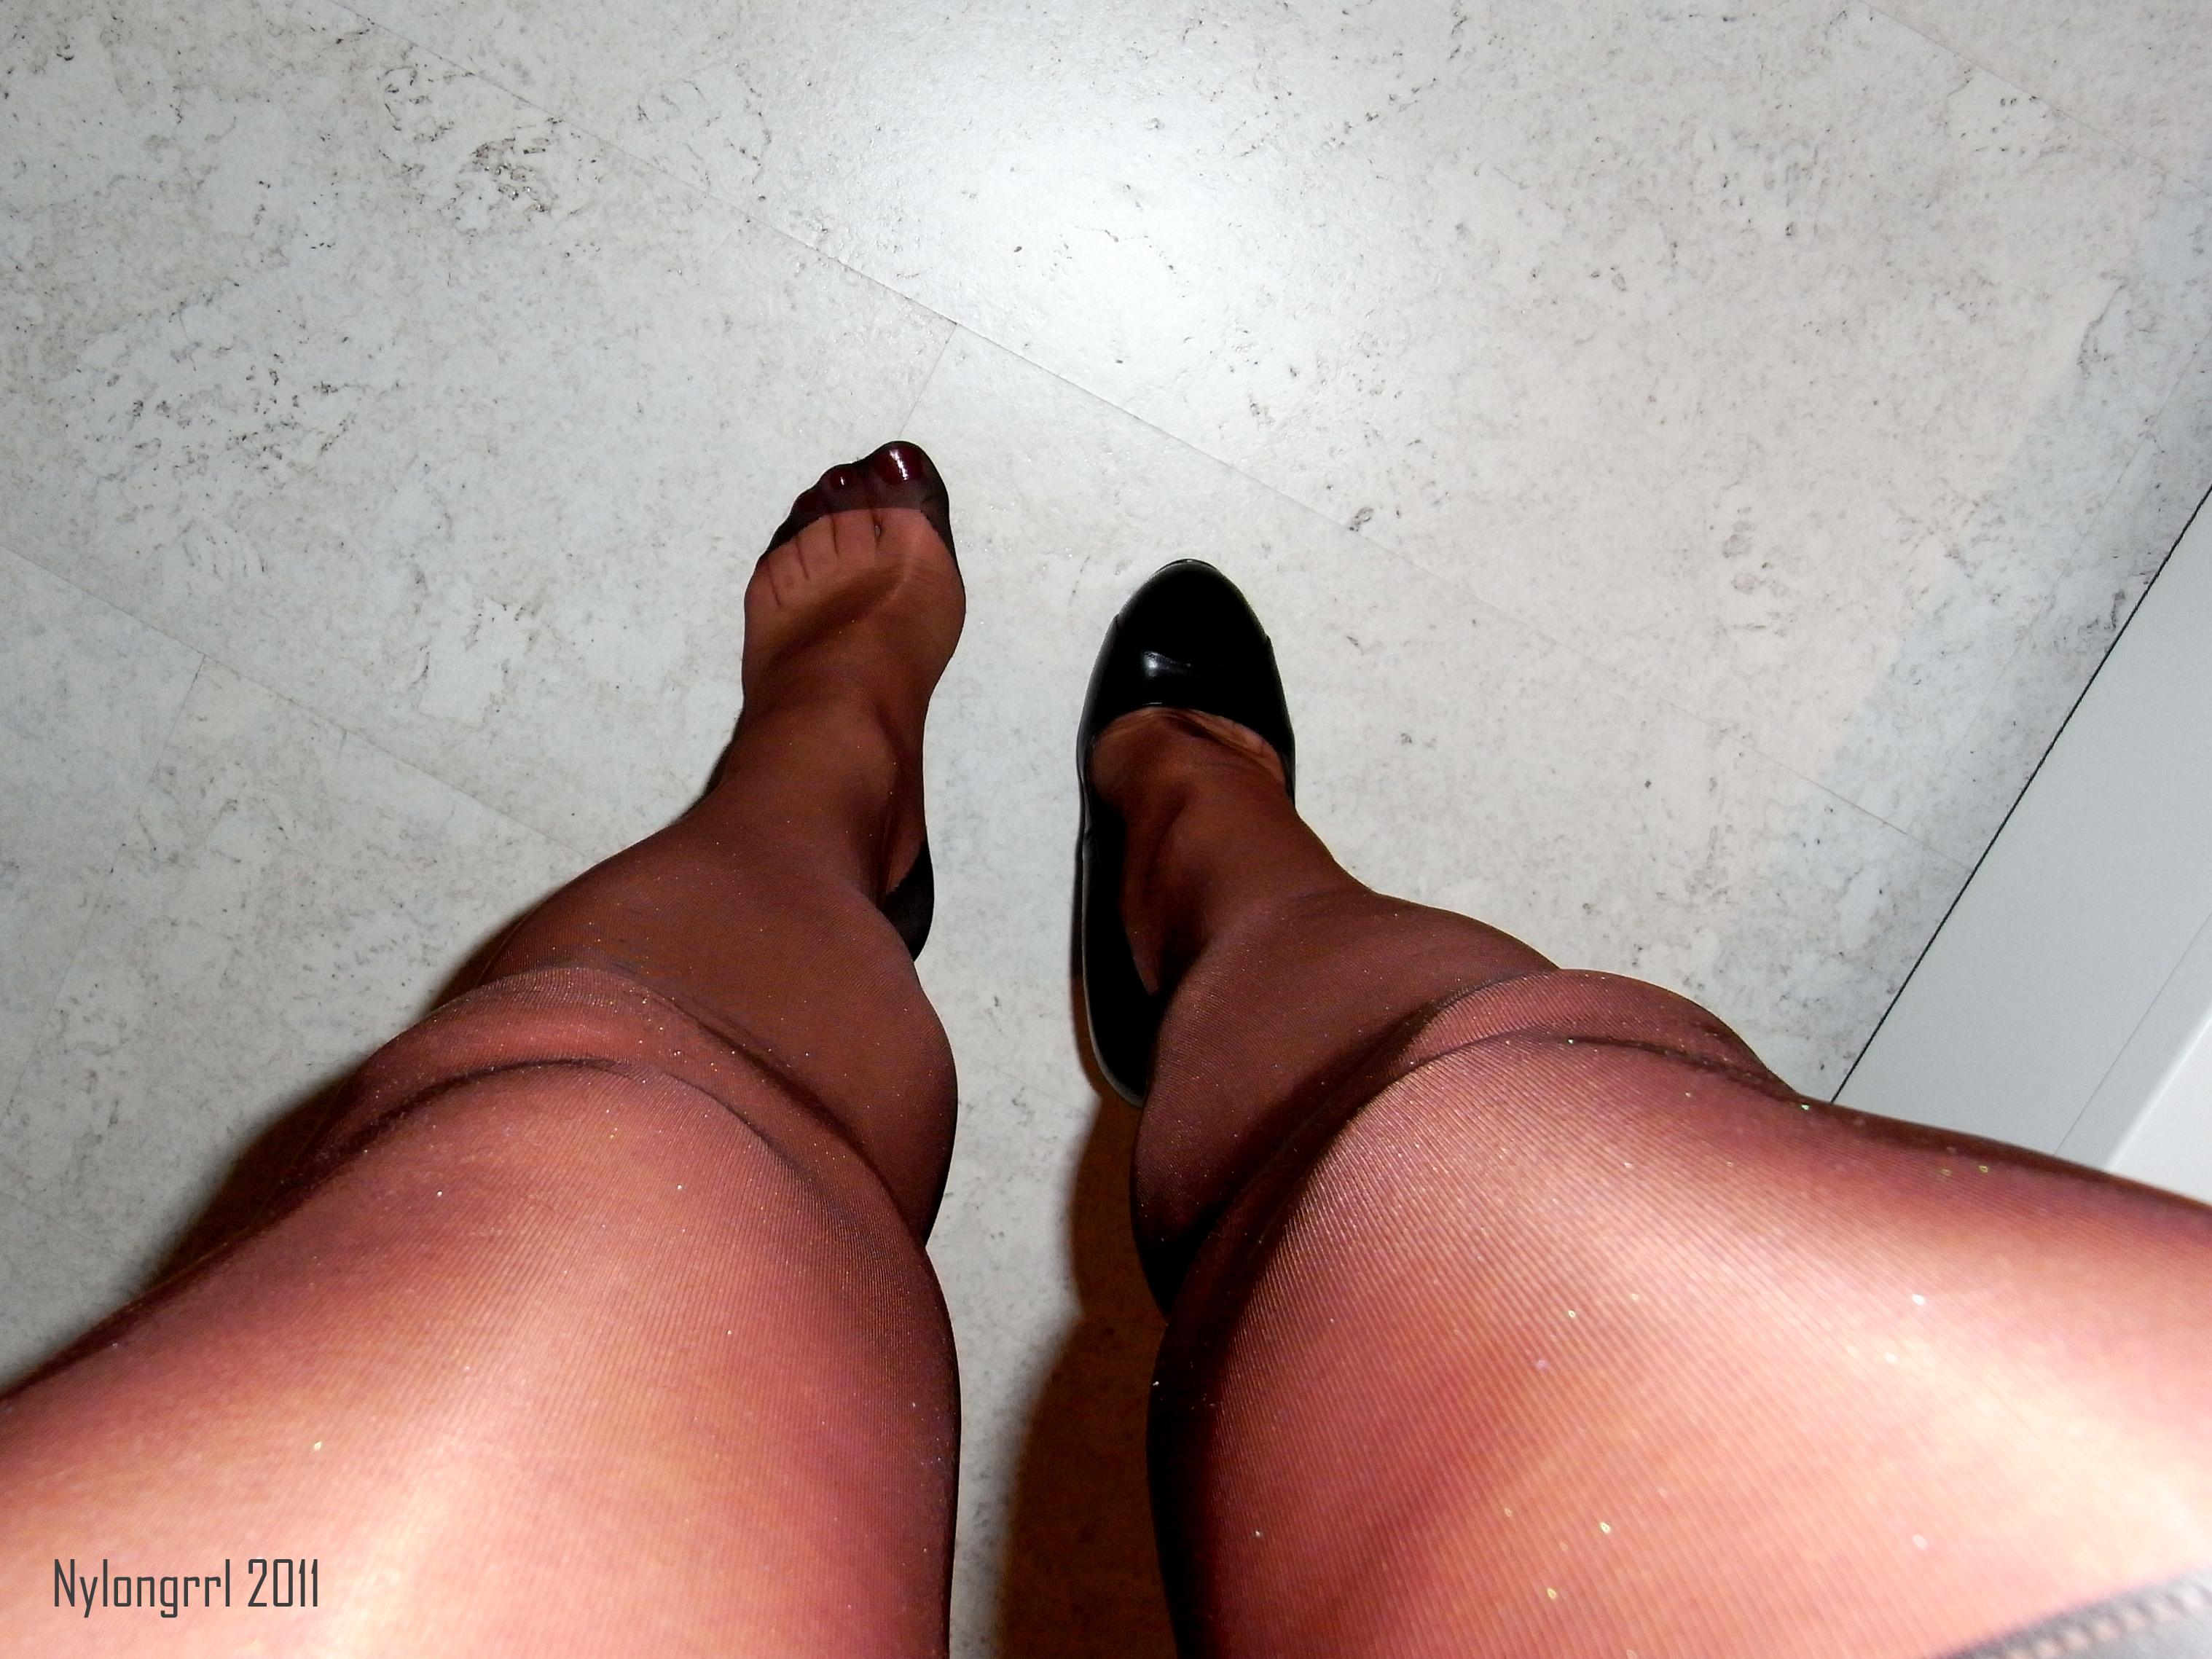 paltsi-zhenskie-na-nogah-v-kolgotkah-foto-lizhet-pizdu-i-nogi-onlayn